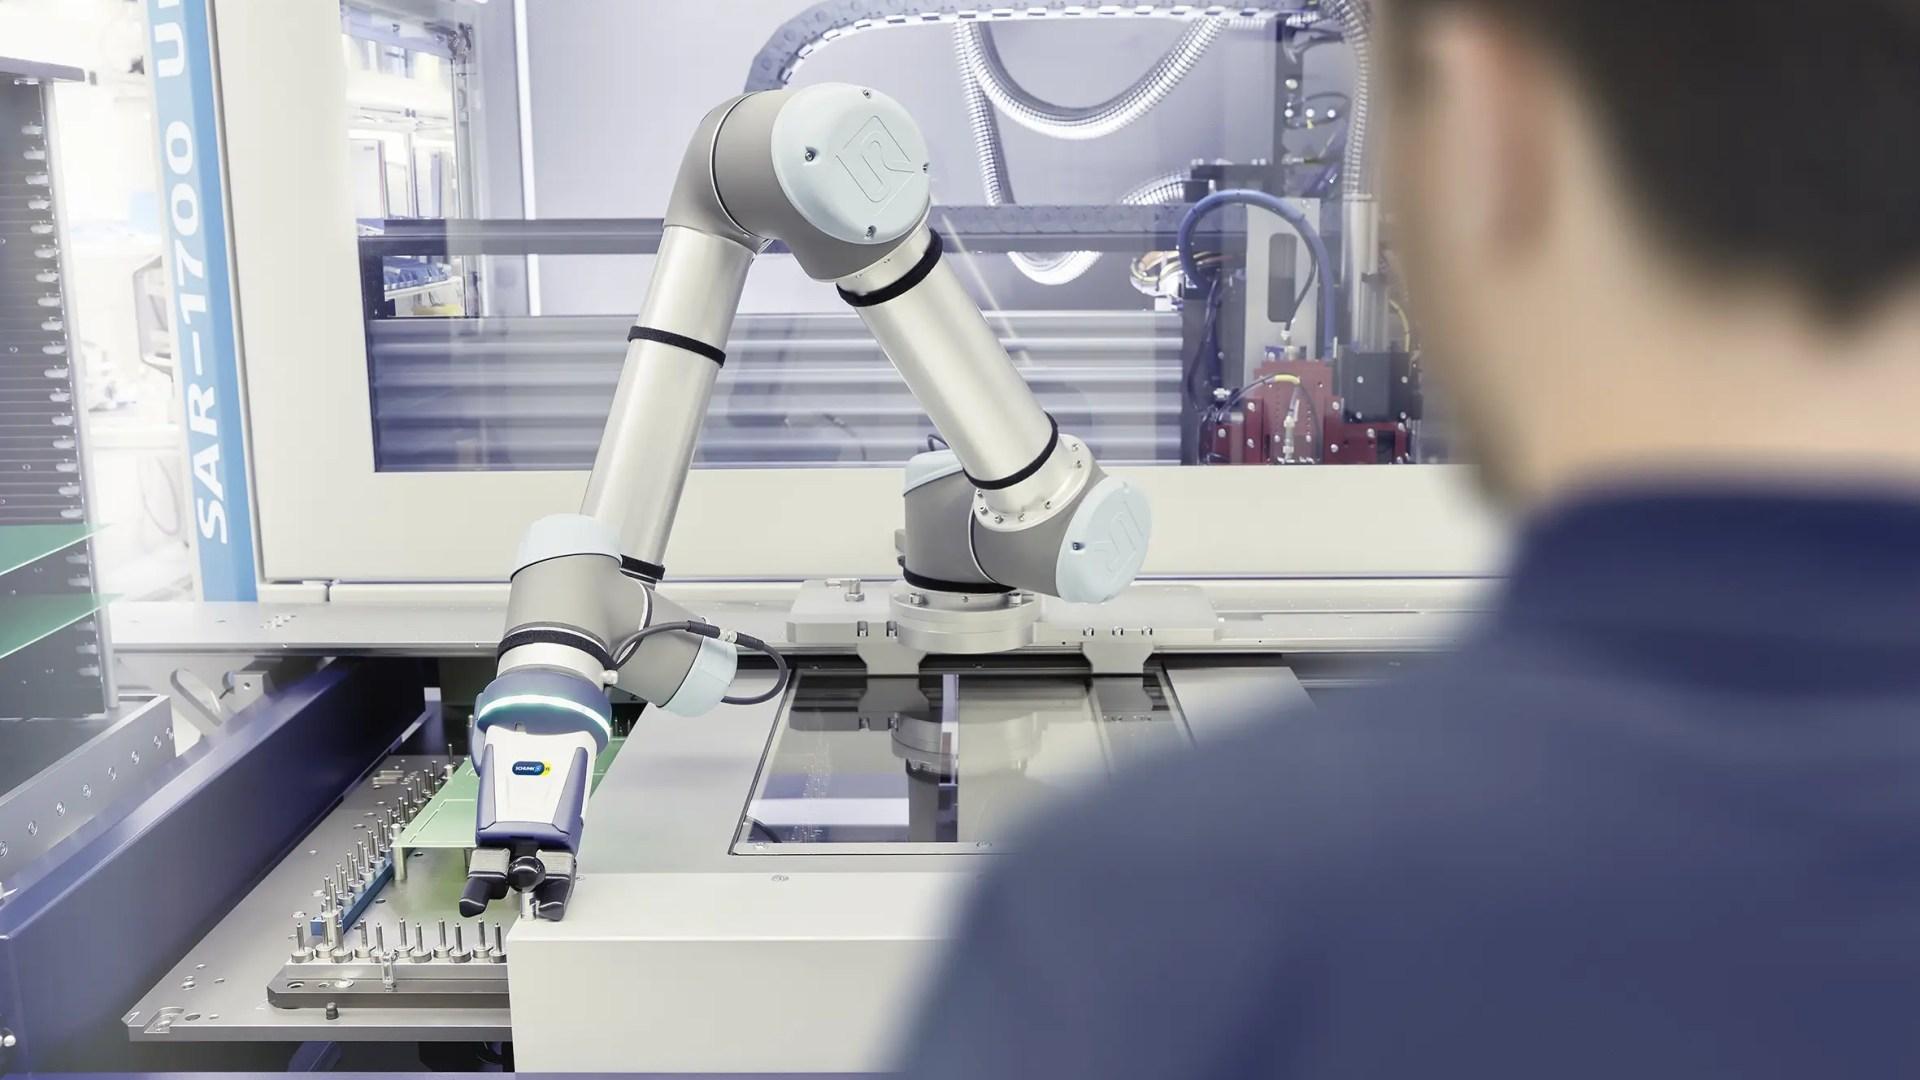 Trabajo en equipo entre humanos y robots, para la industria electrónica